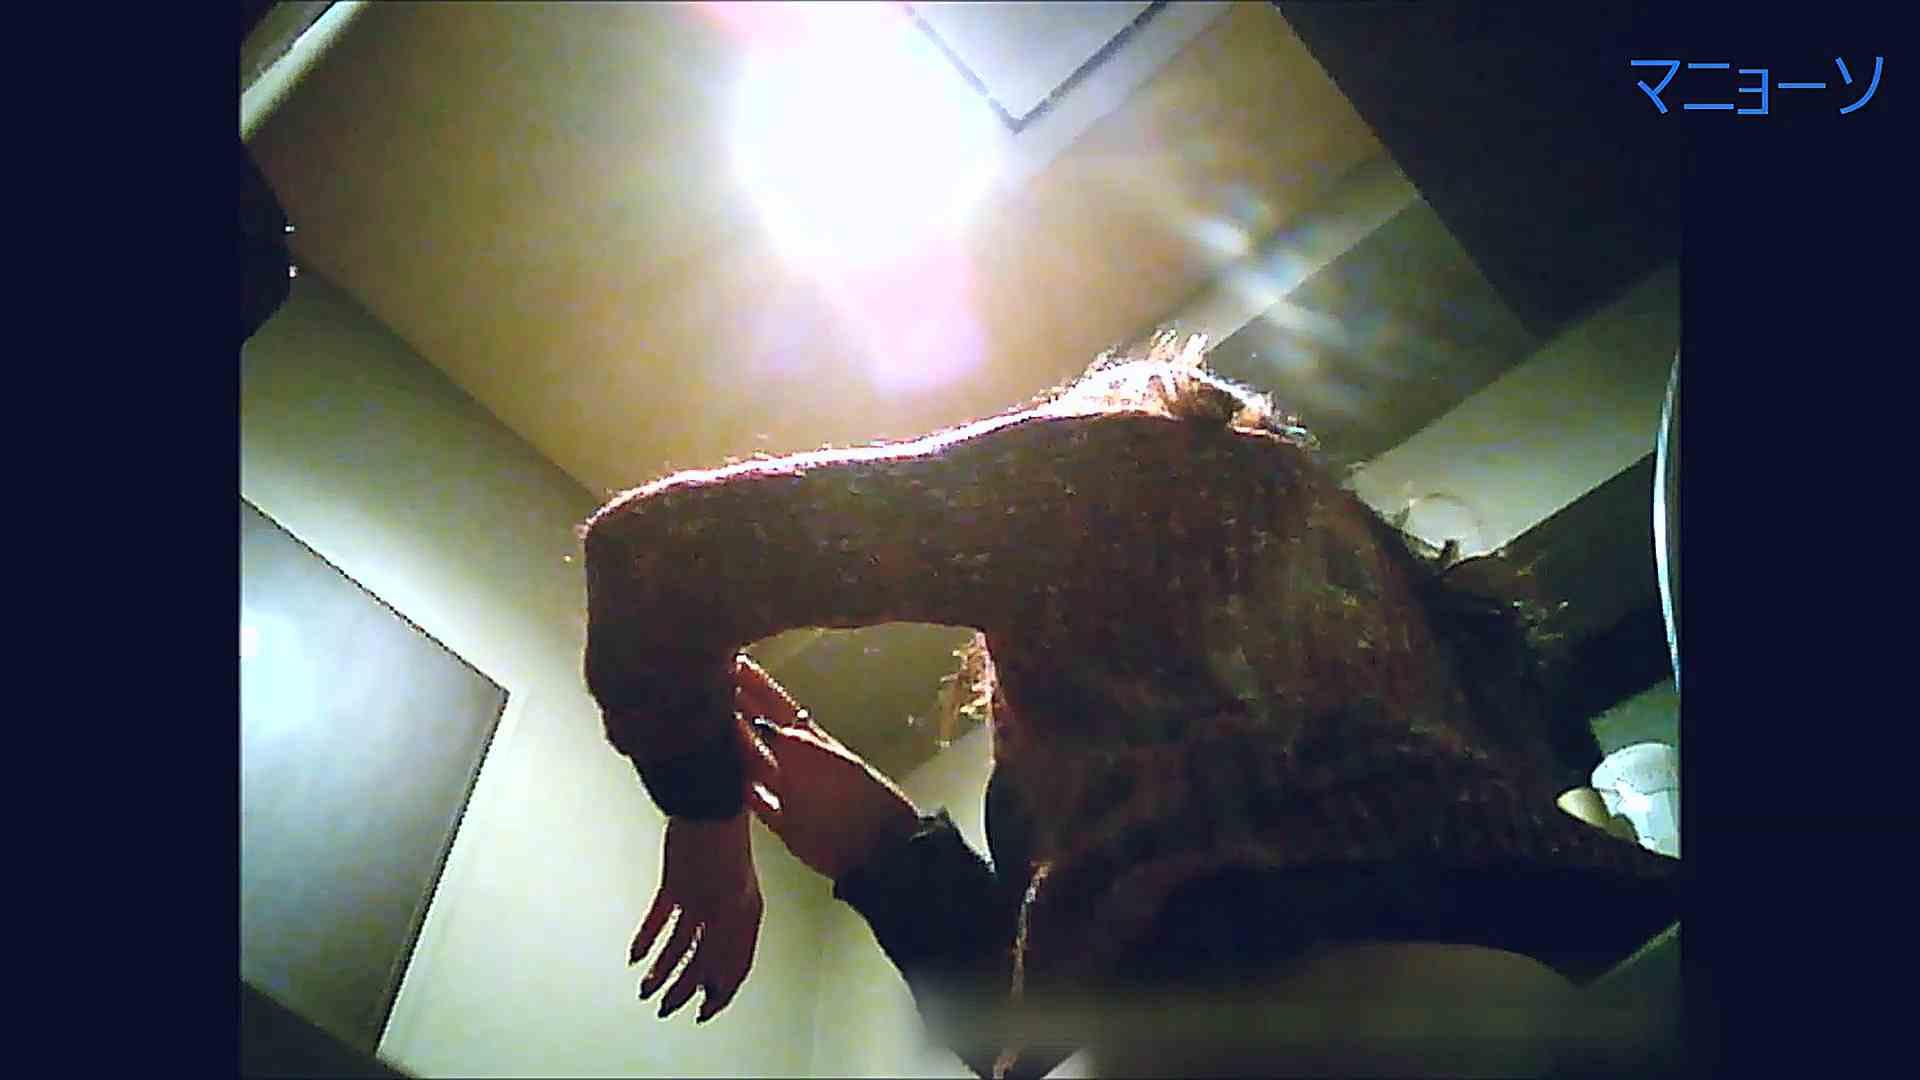 トイレでひと肌脱いでもらいました (OL編)Vol.13 トイレ | OLの実態  95pic 83